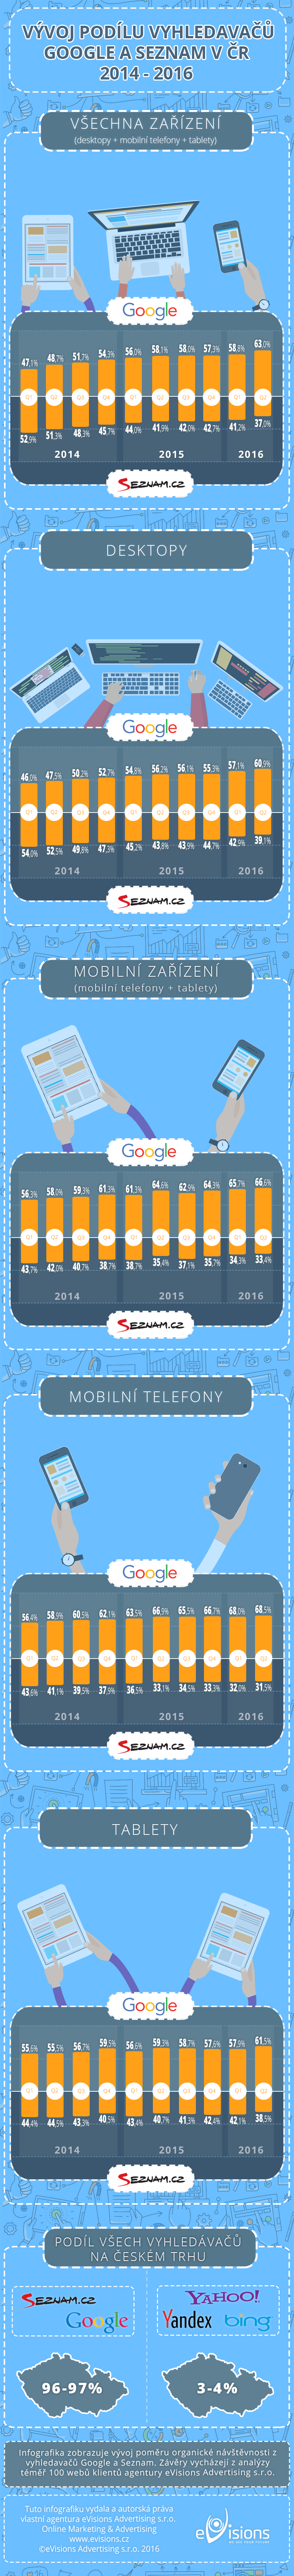 infografika-google-vs-seznam